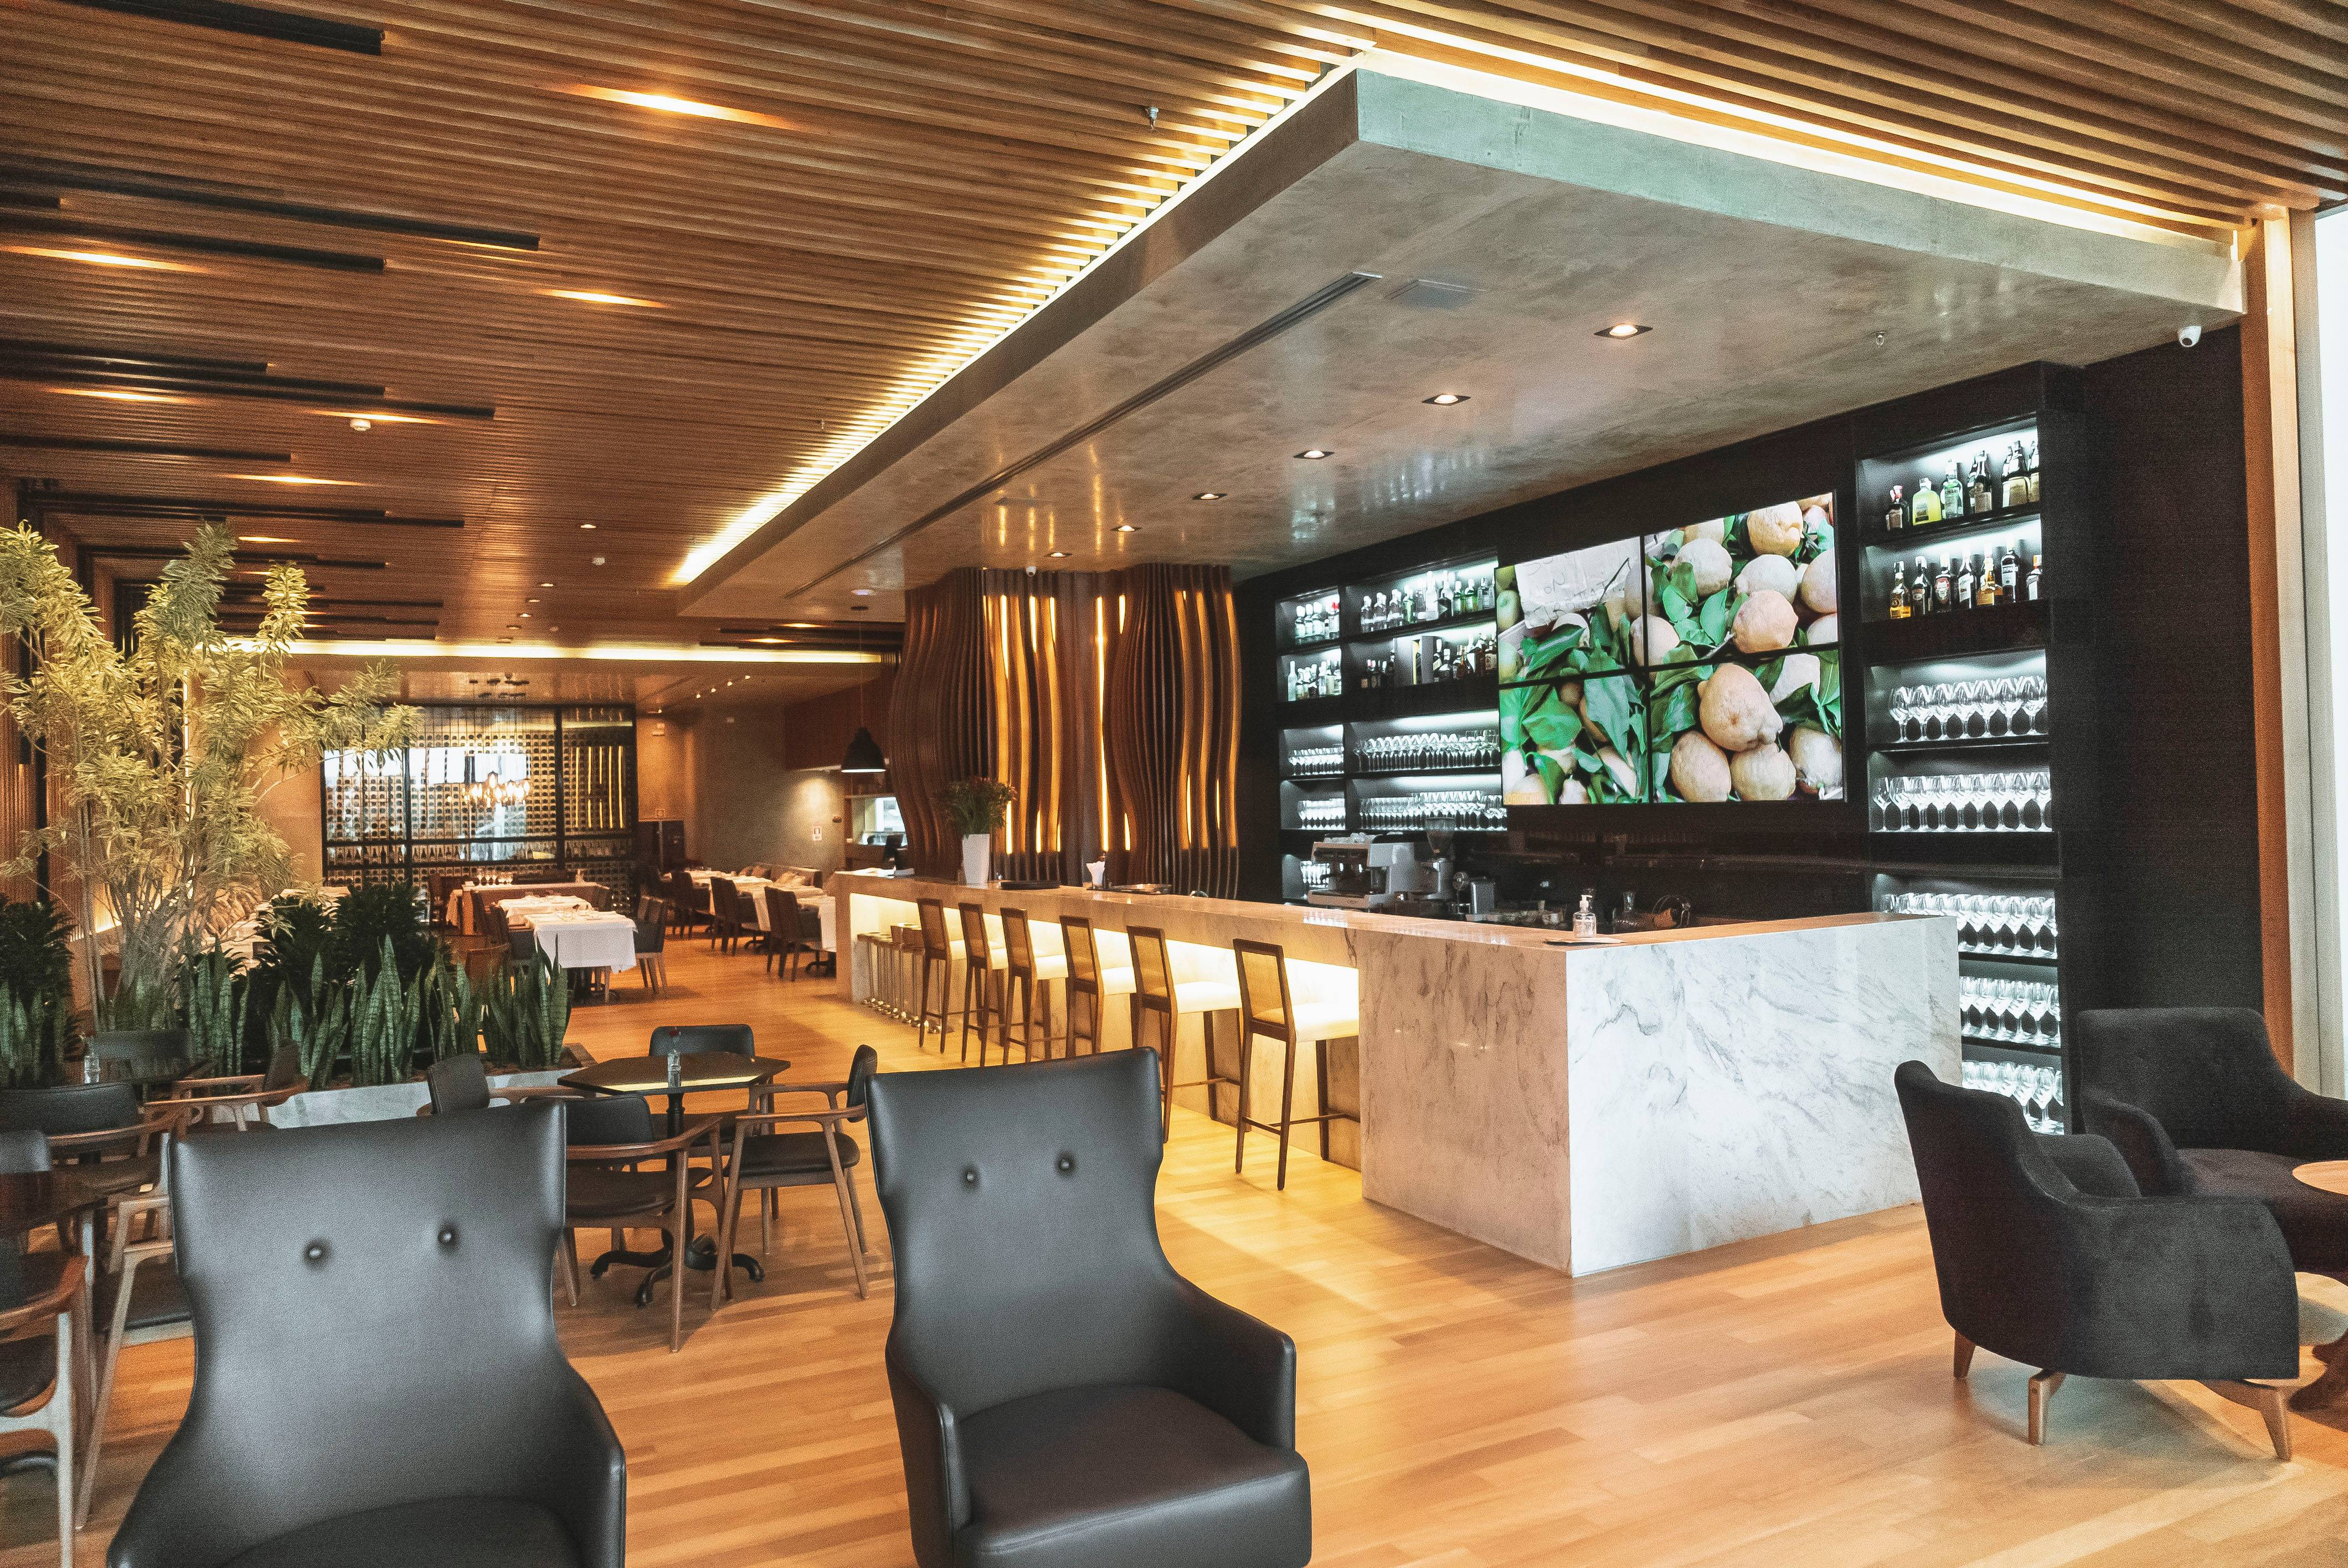 O novo La Varenne, remodelado. O bar no canto e o espaço do salão mais amplo.